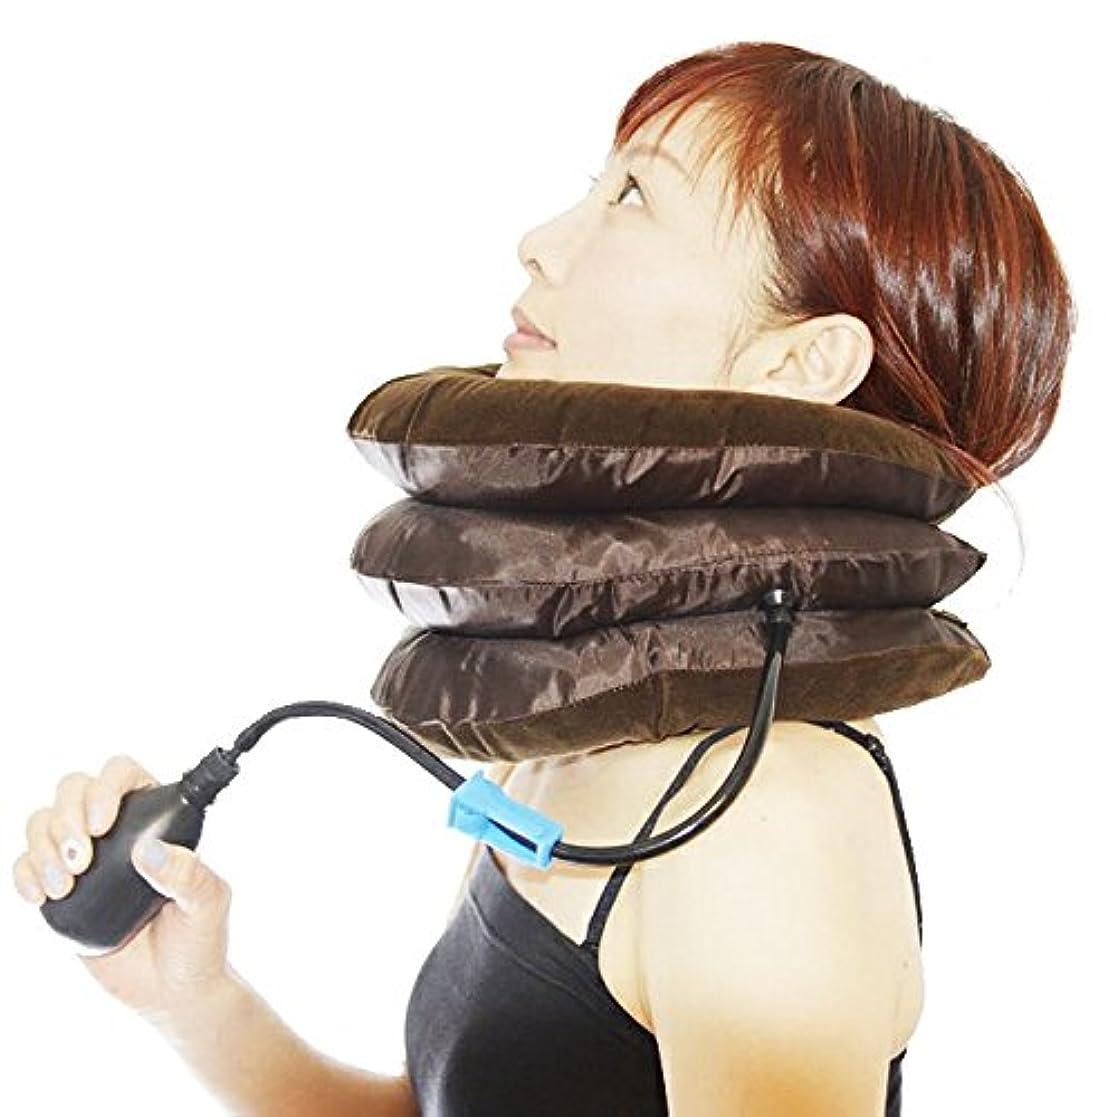 ネックサポーター ネックストレッチャー 首枕 首伸ばし